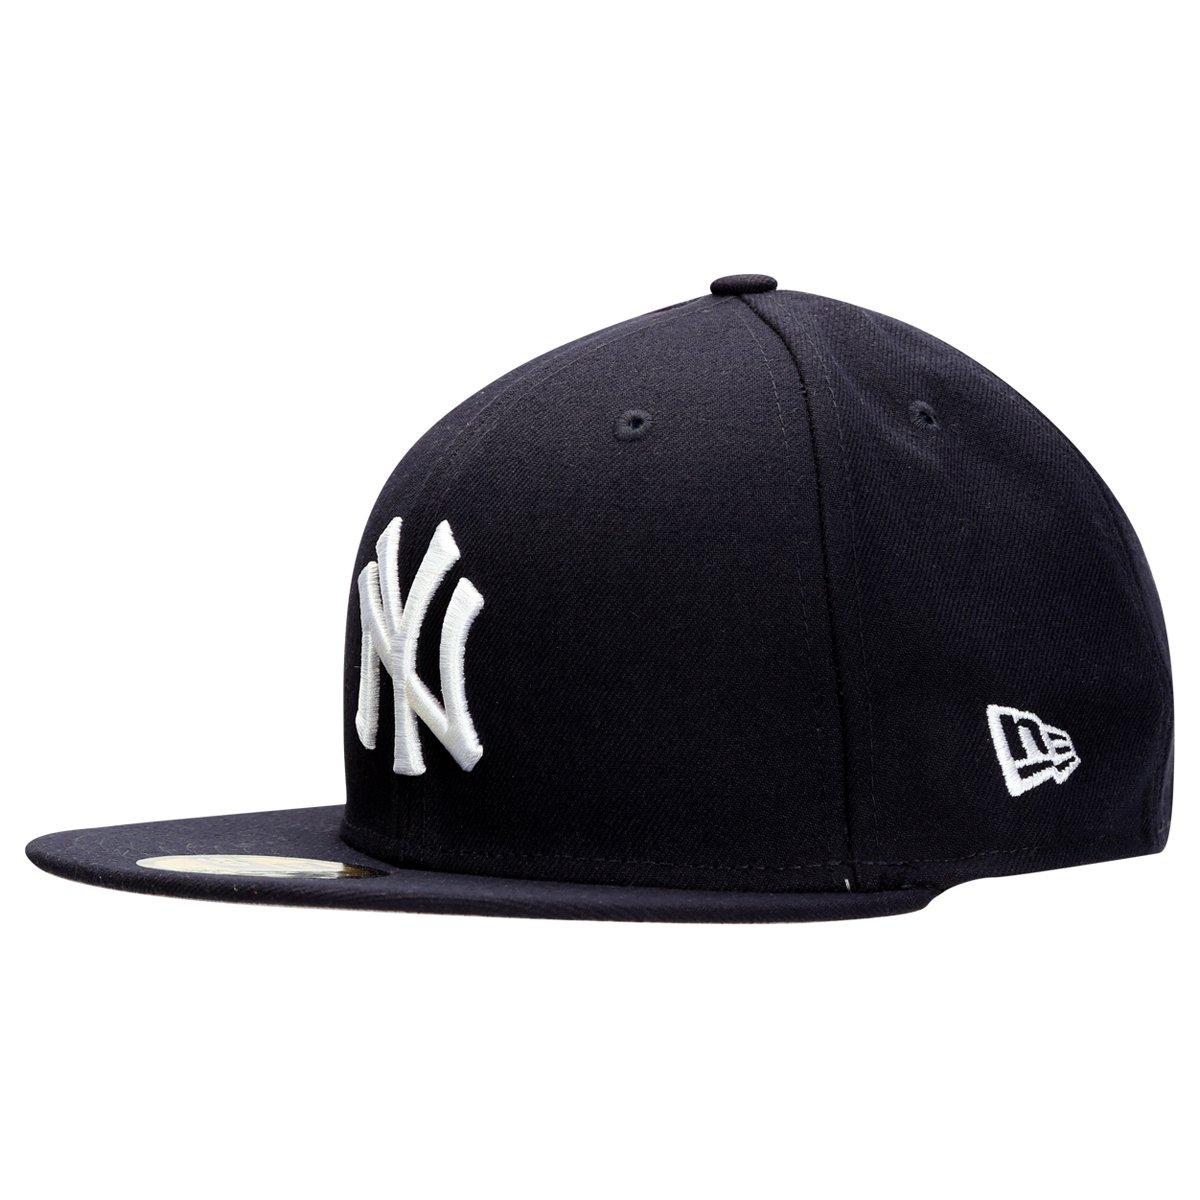 Boné New Era 5950 Team Patch New York Yankees - Compre Agora  f4b6226f342